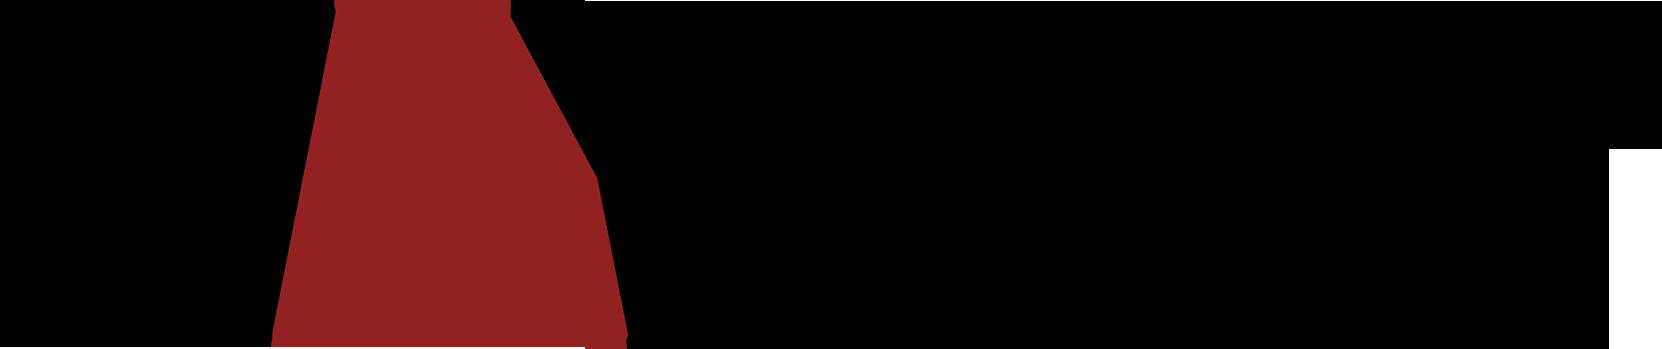 Naytev (nPR)